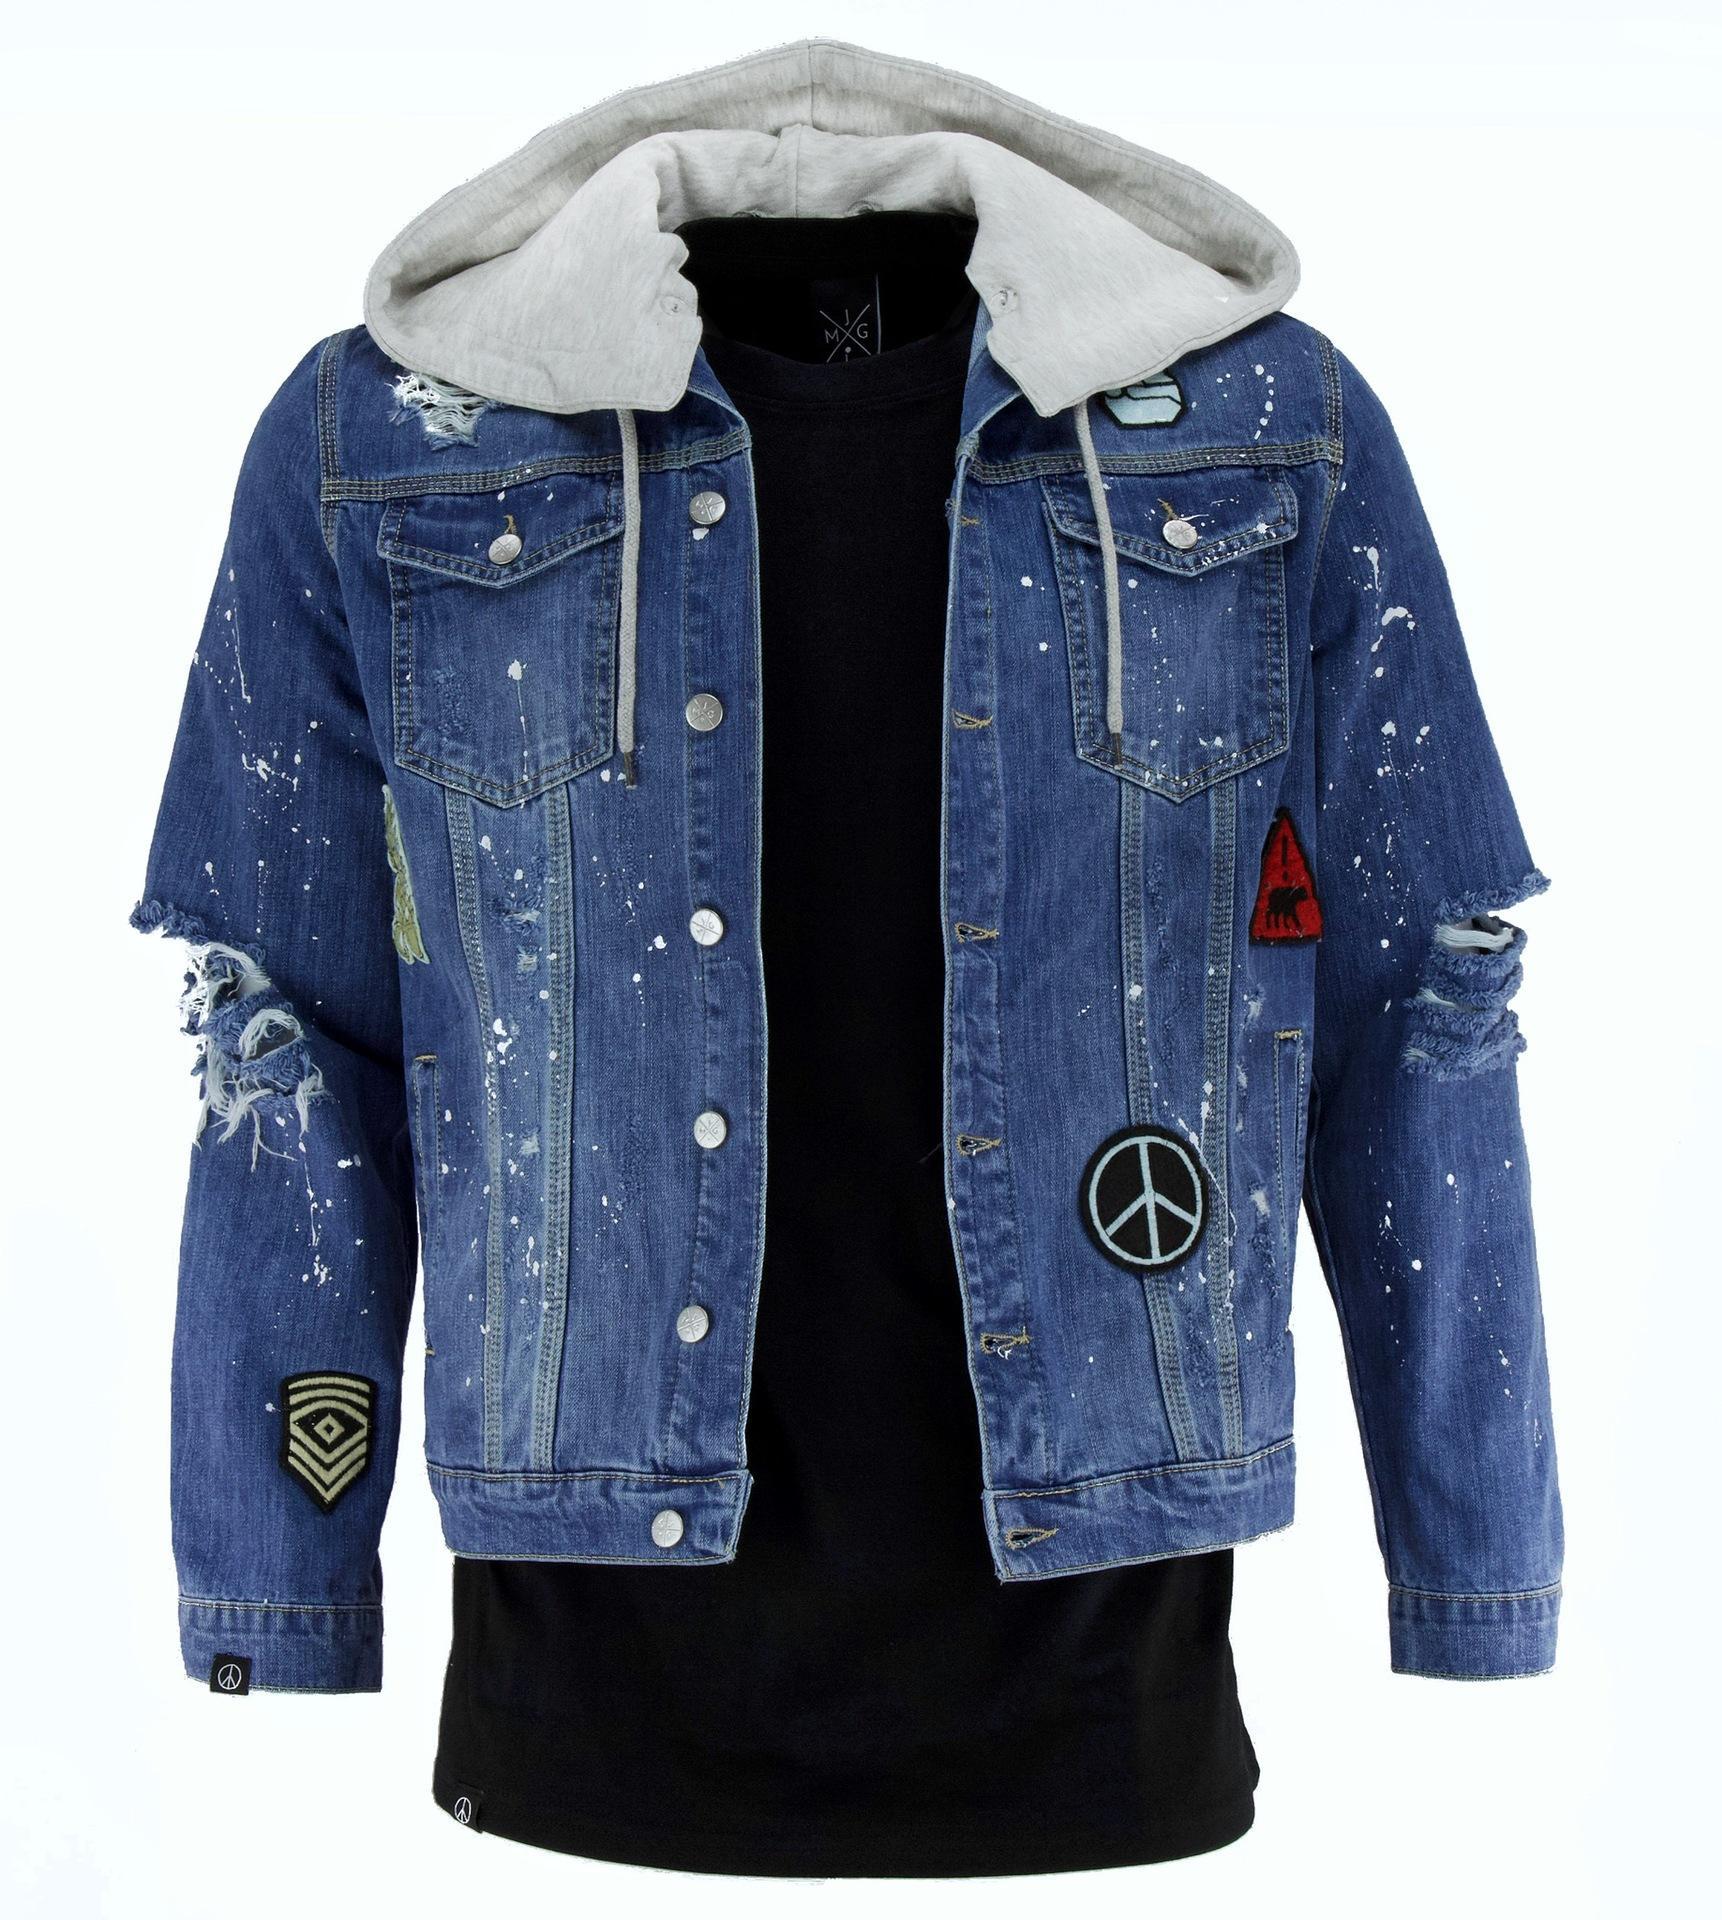 d7691508357b5 Satın Al Erkek Moda Yeni Bahar Denim Ceketler Yırtık Delik Hiphop Sokak Rahat  Ceket Mont, $64.4   DHgate.Com'da